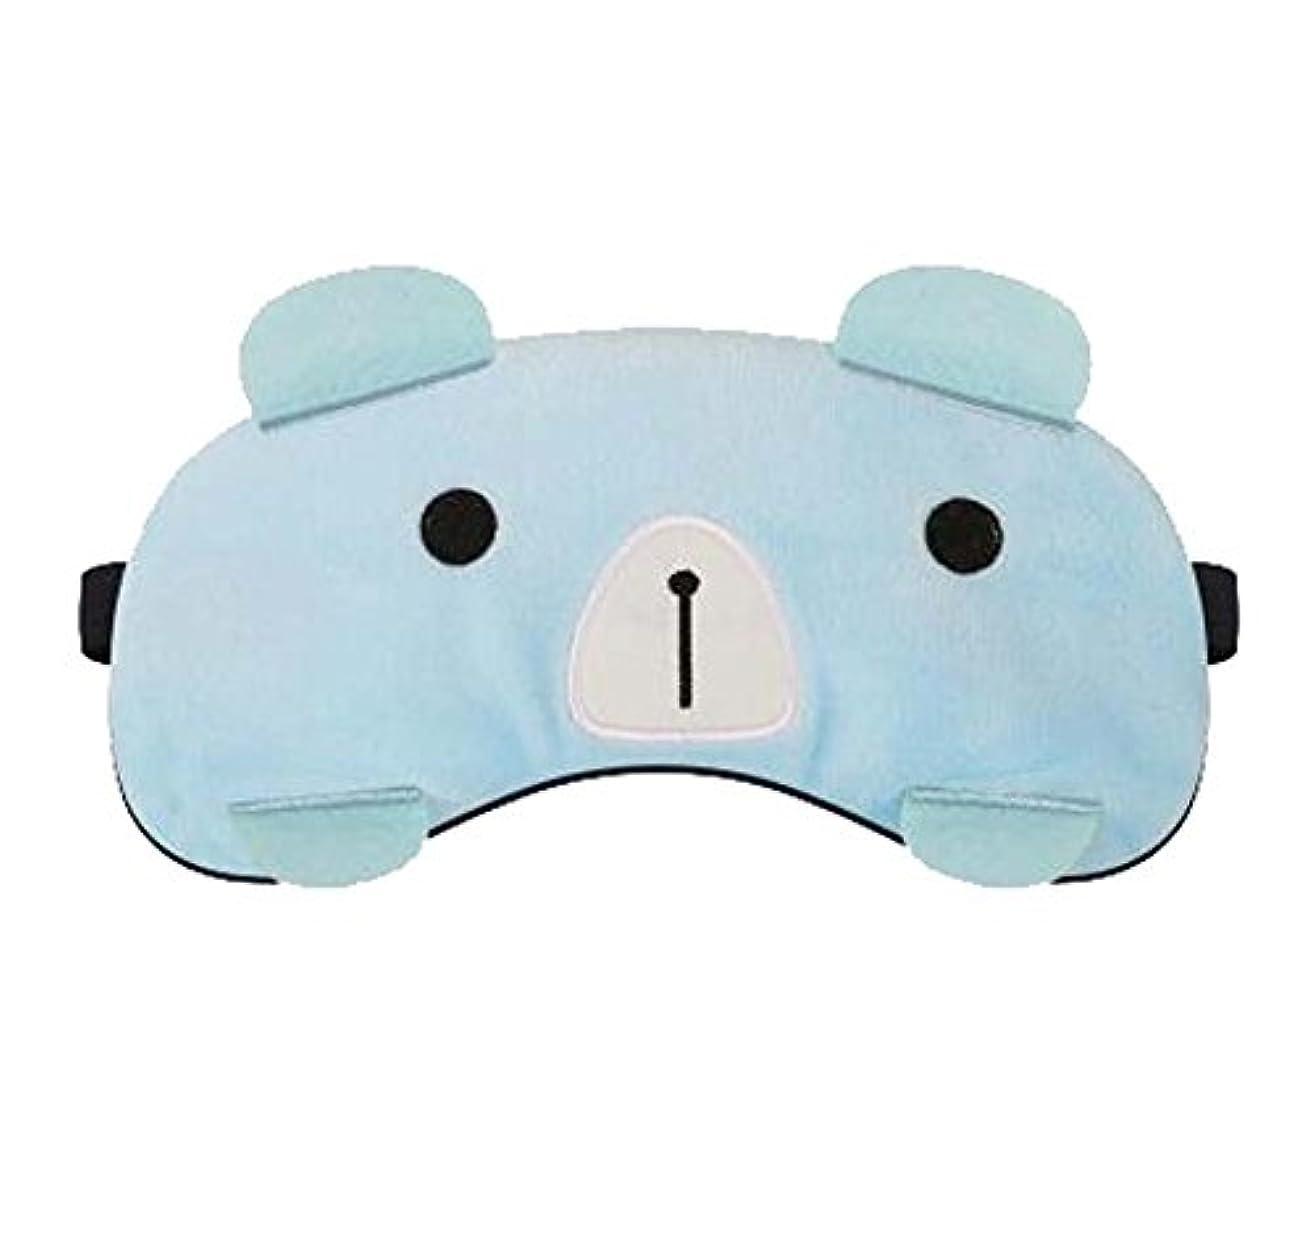 必要とする開始用心深いかわいい睡眠マスクアイマスク - セラピー不眠症 - 男性、女性、女の子、子供、D